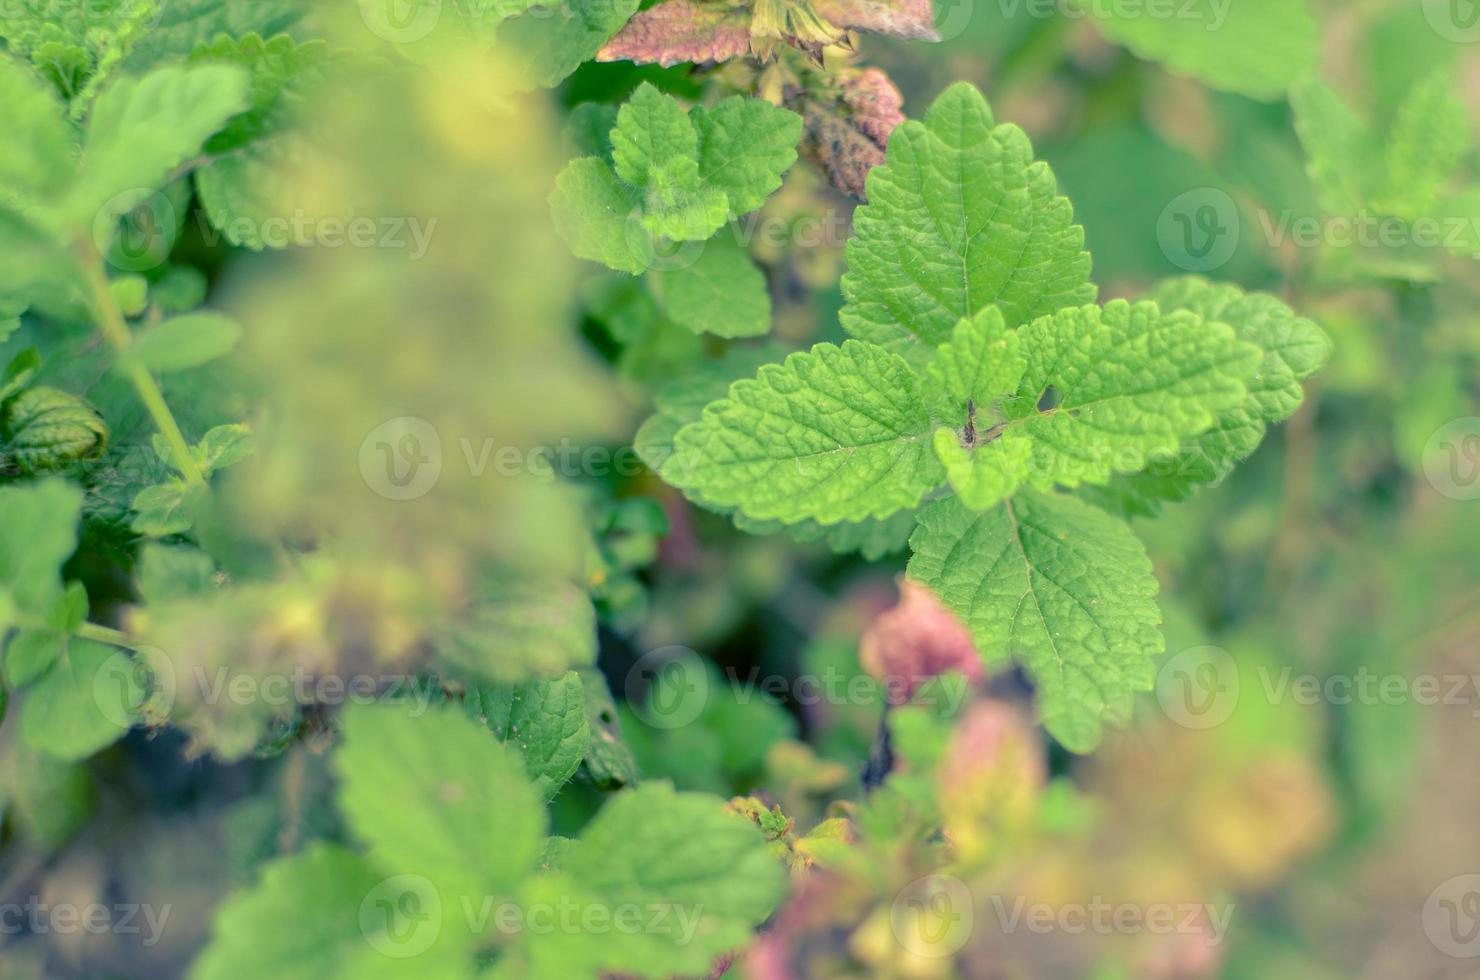 Primer plano de una planta de menta fresca vívidamente verde foto